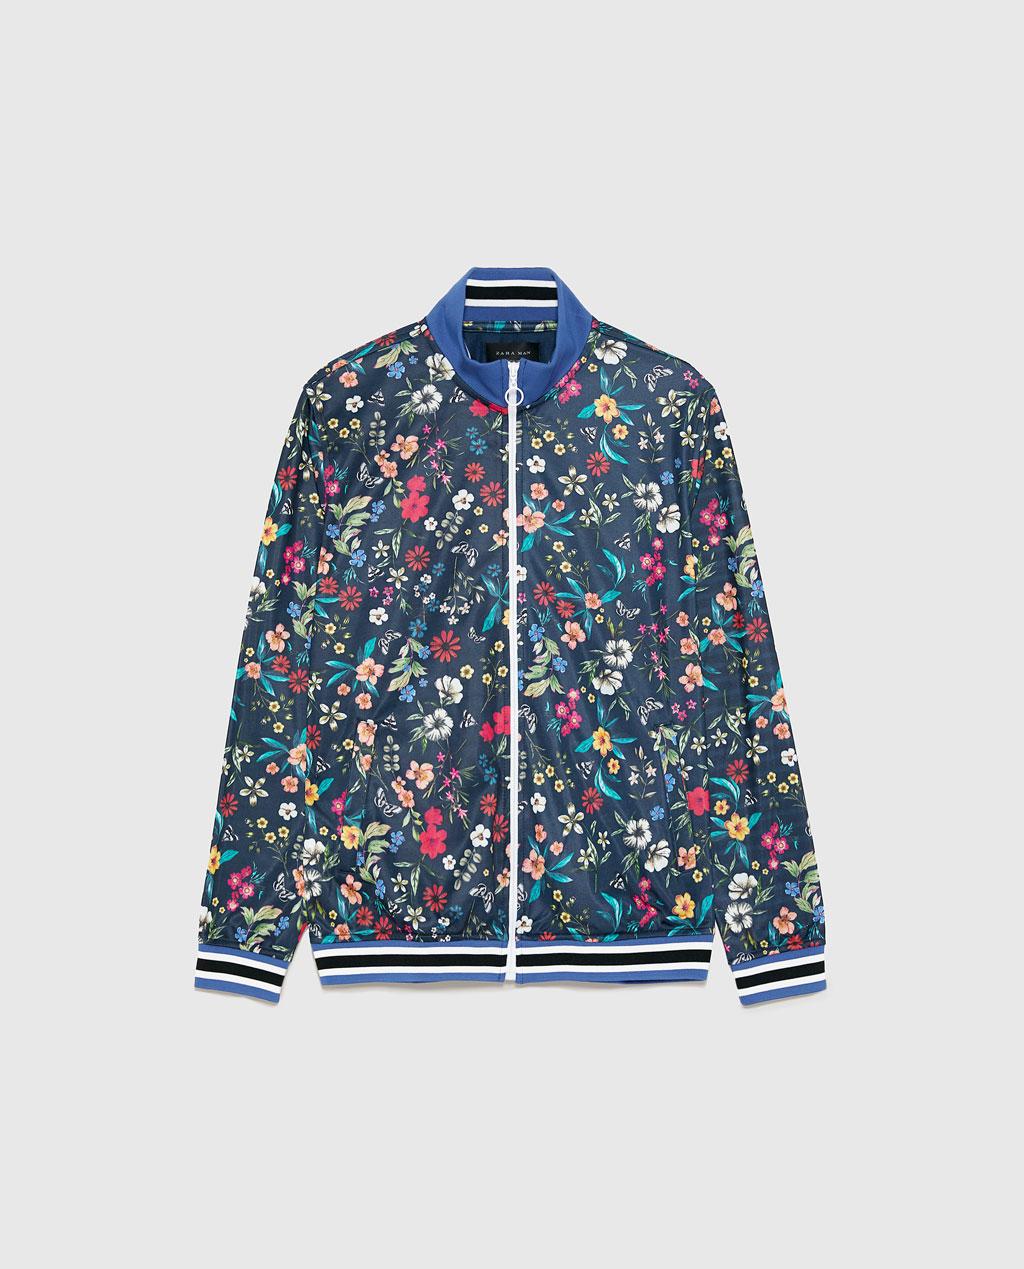 Thời trang nam Zara  23955 - ảnh 10